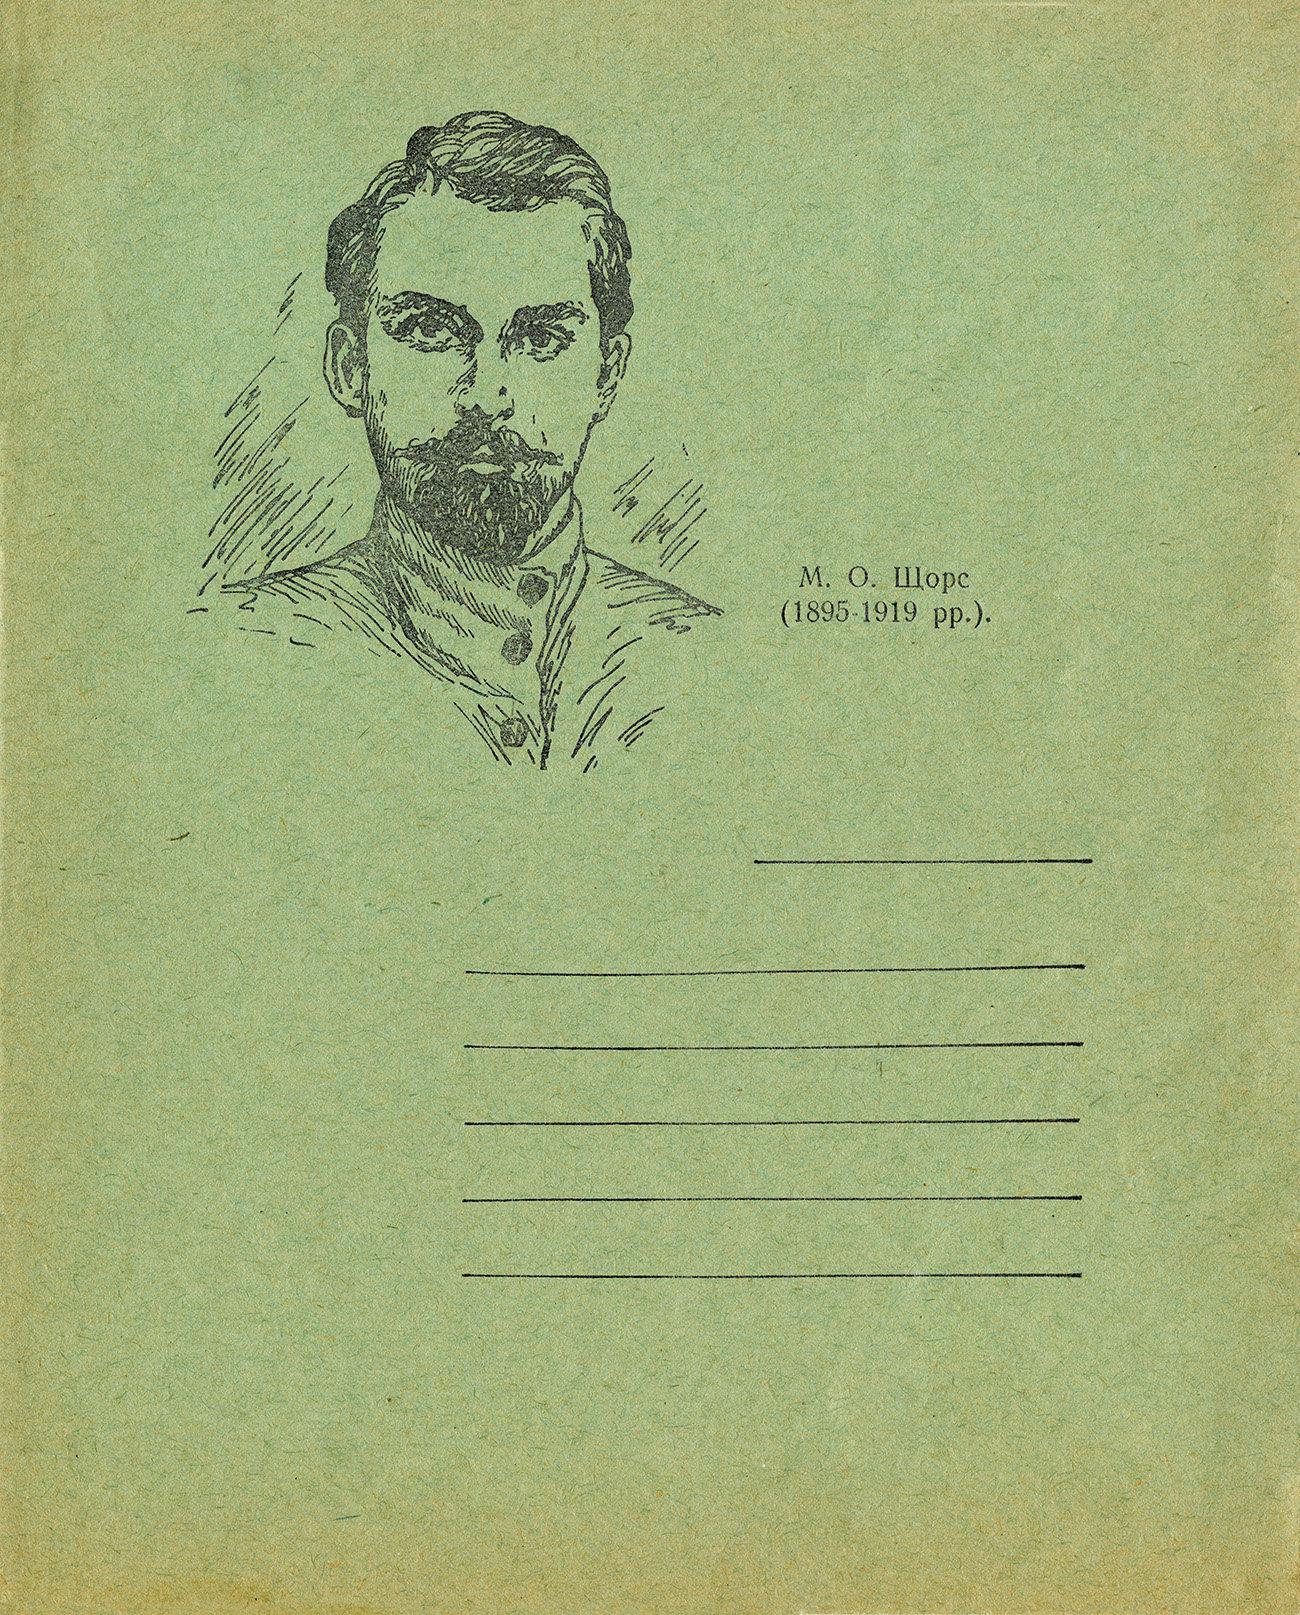 Тетрадь М.О. Щорс, 1967 г.